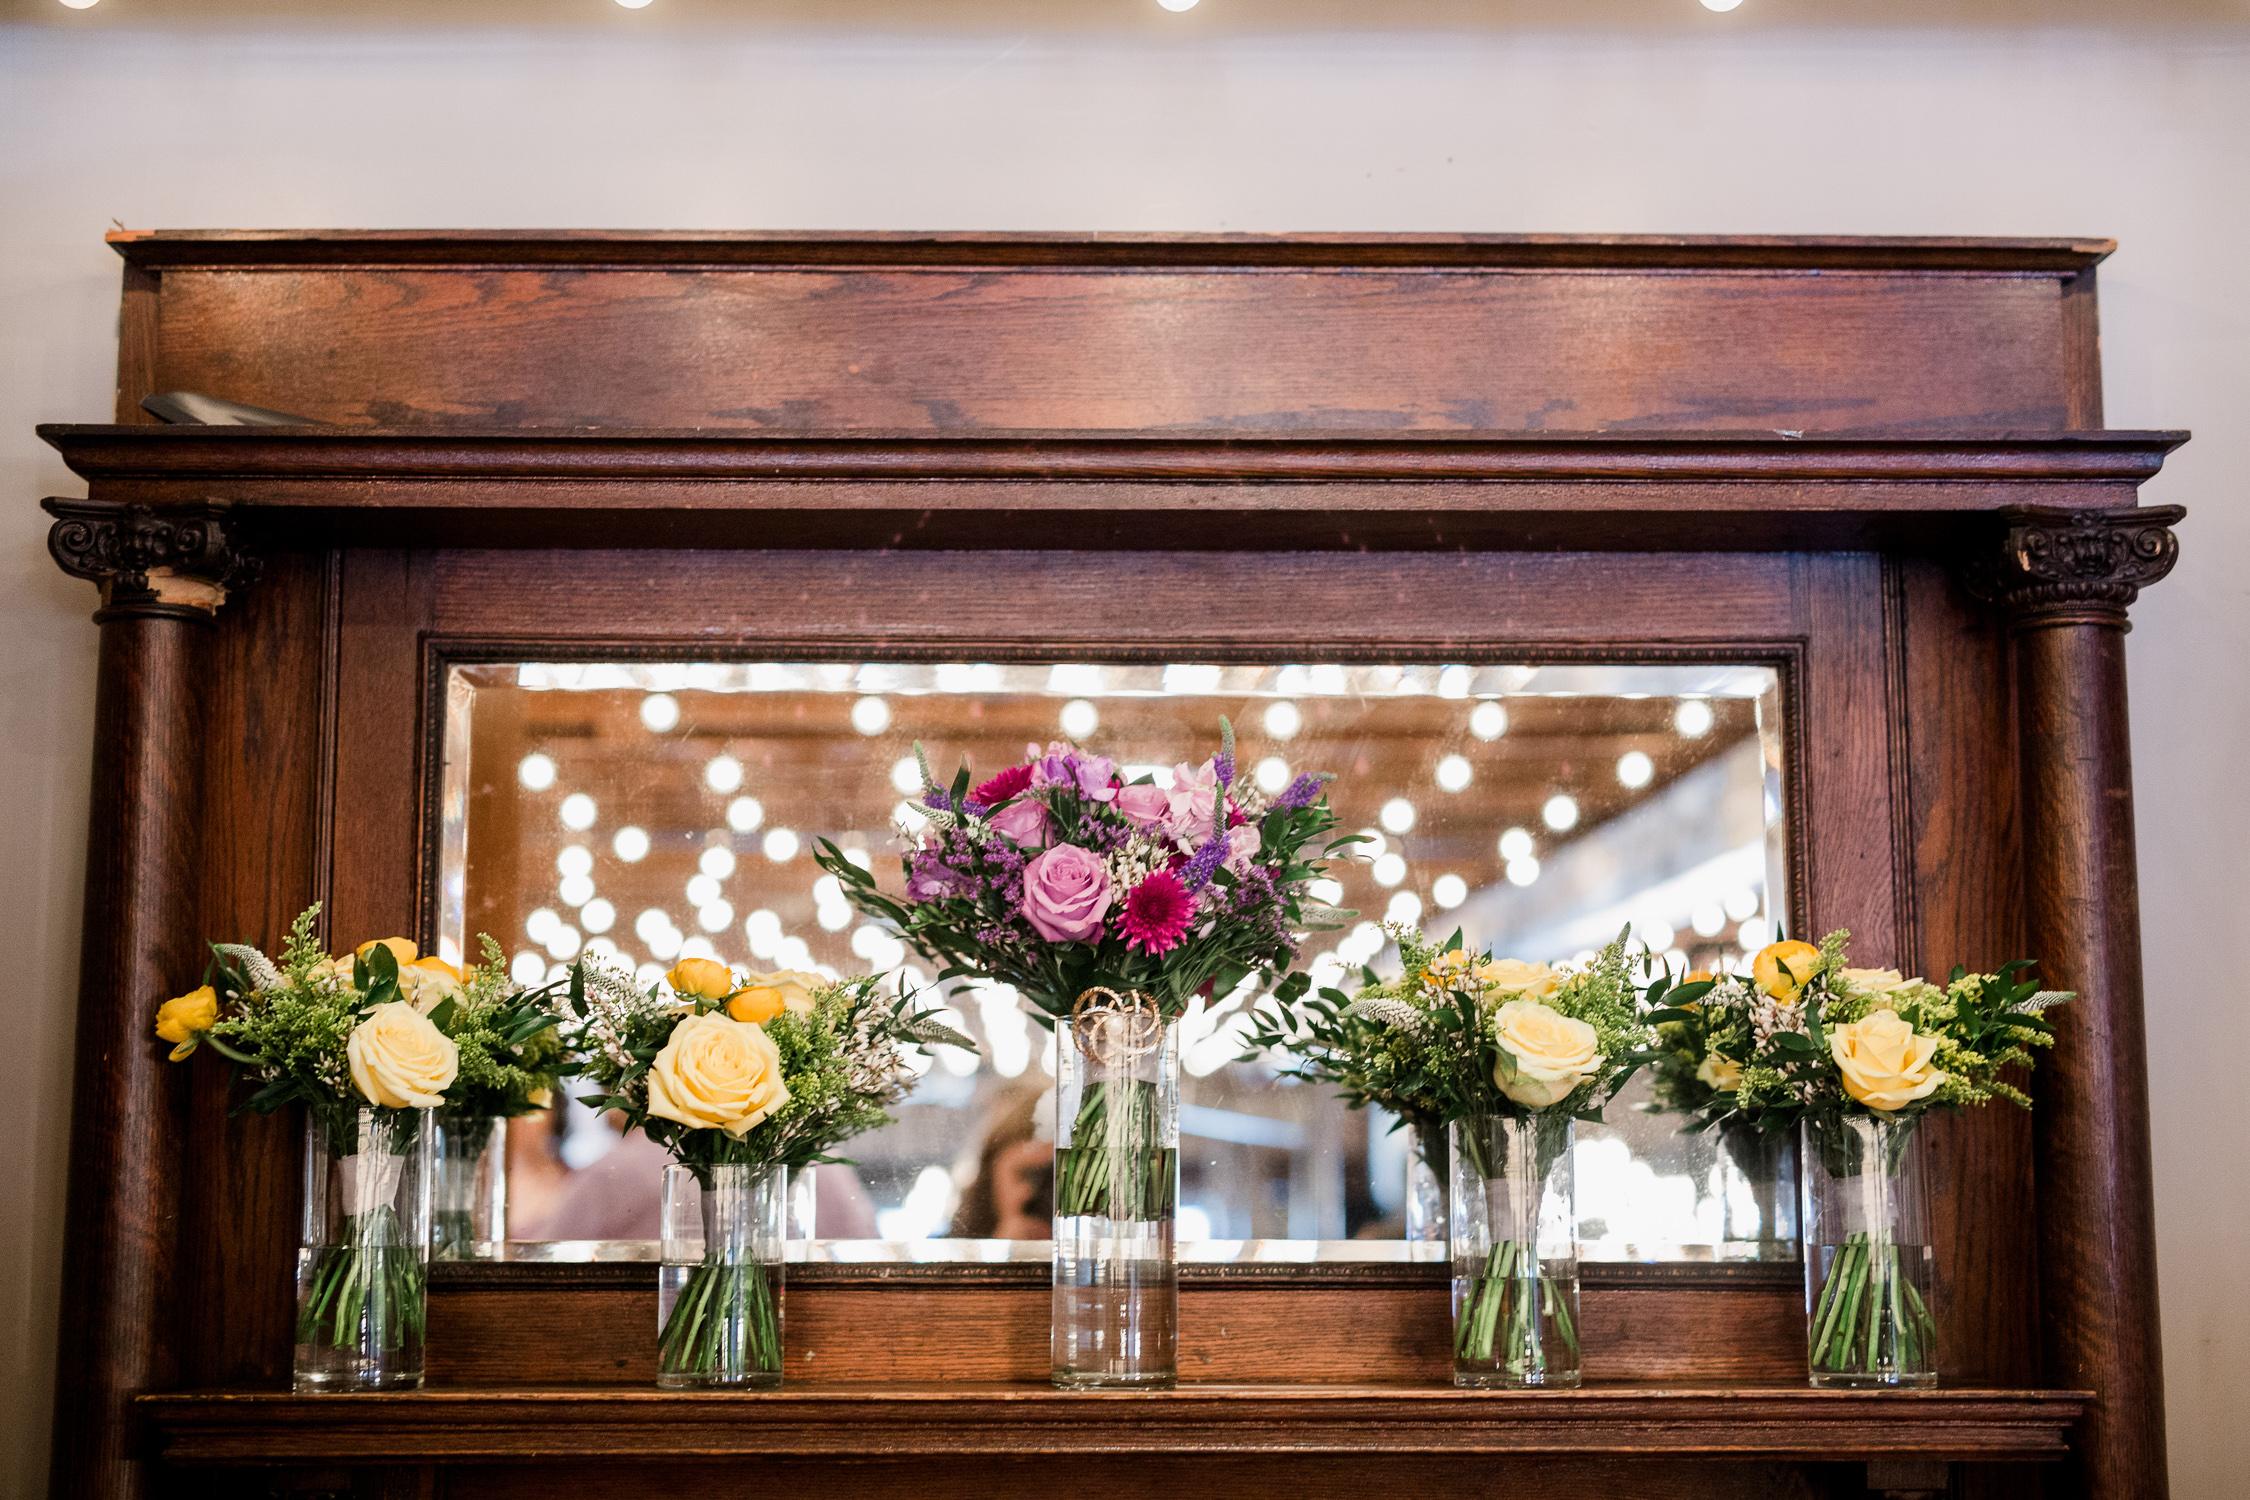 Downtown Knoxville Wedding Venue // Central Avenue Reception // Relix Floral Bouquets